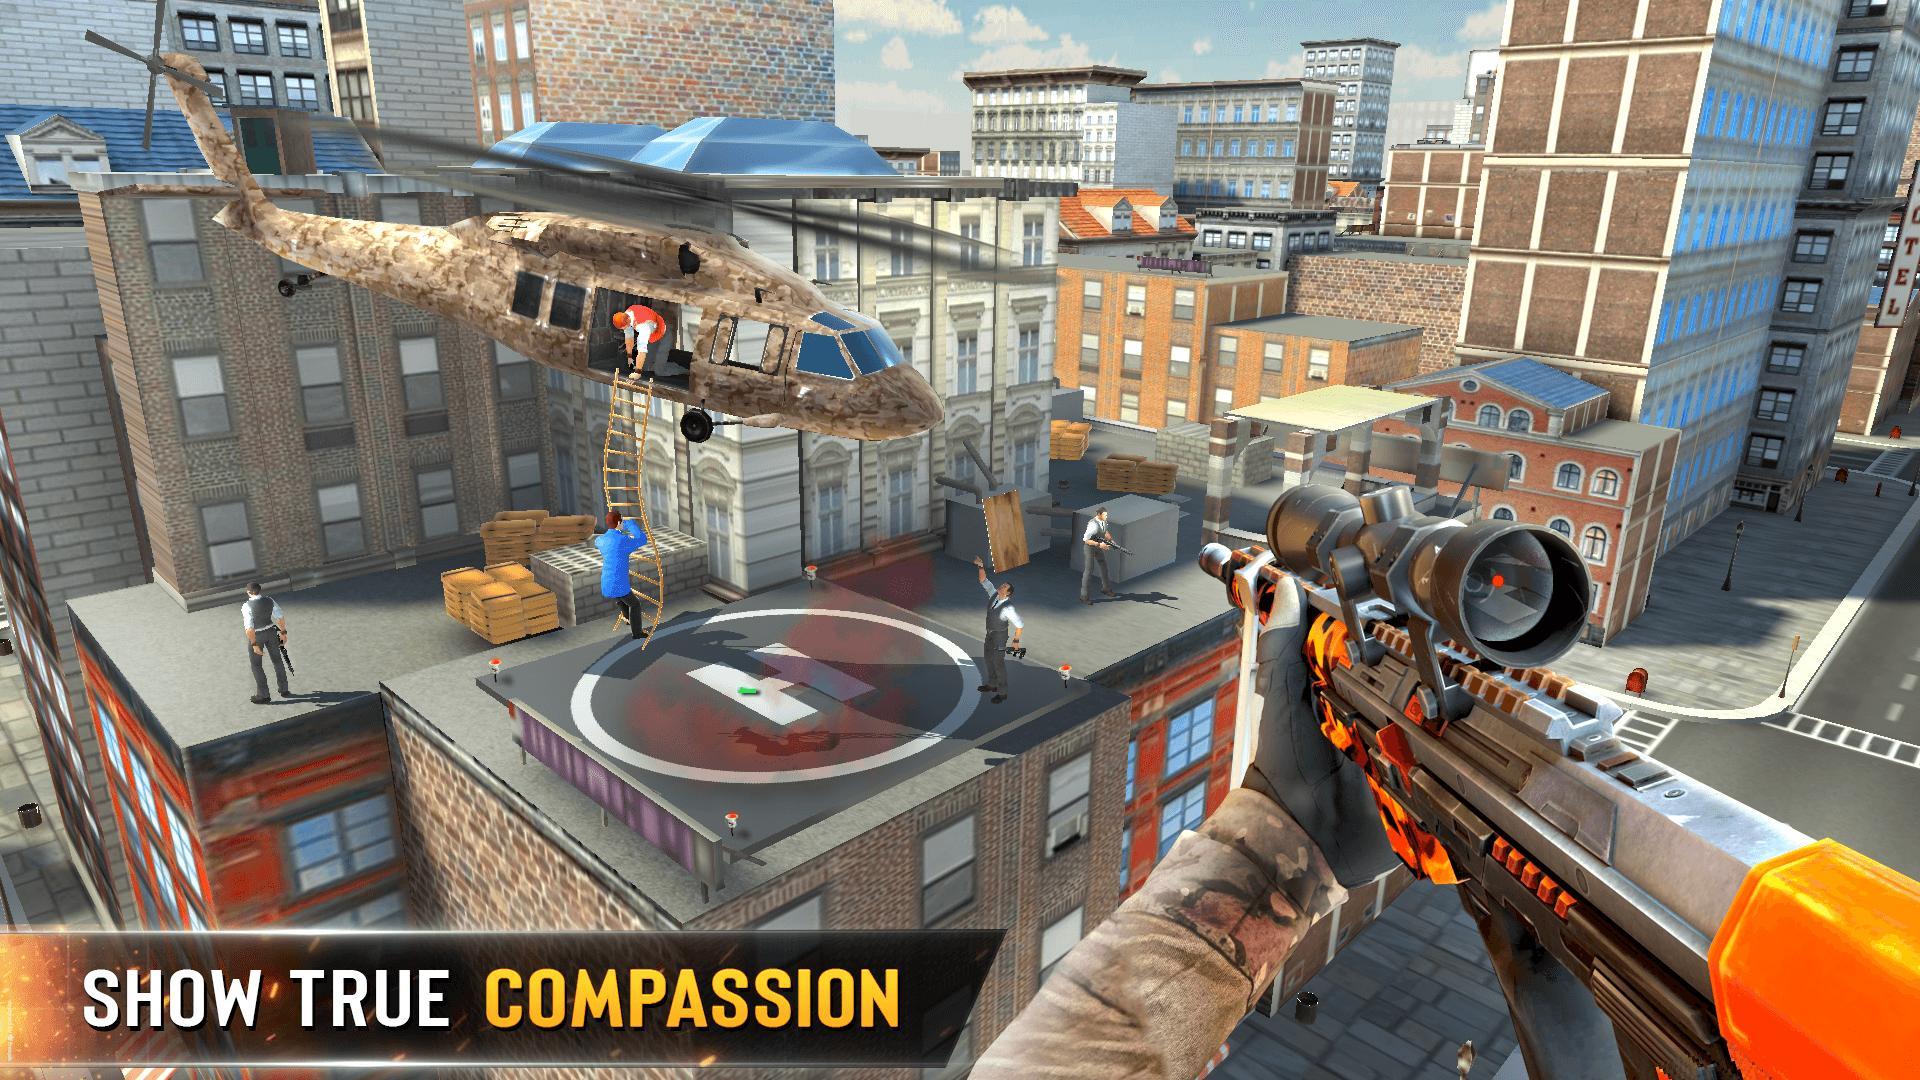 New Sniper Shooter: Free offline 3D shooting games 1.78 Screenshot 5